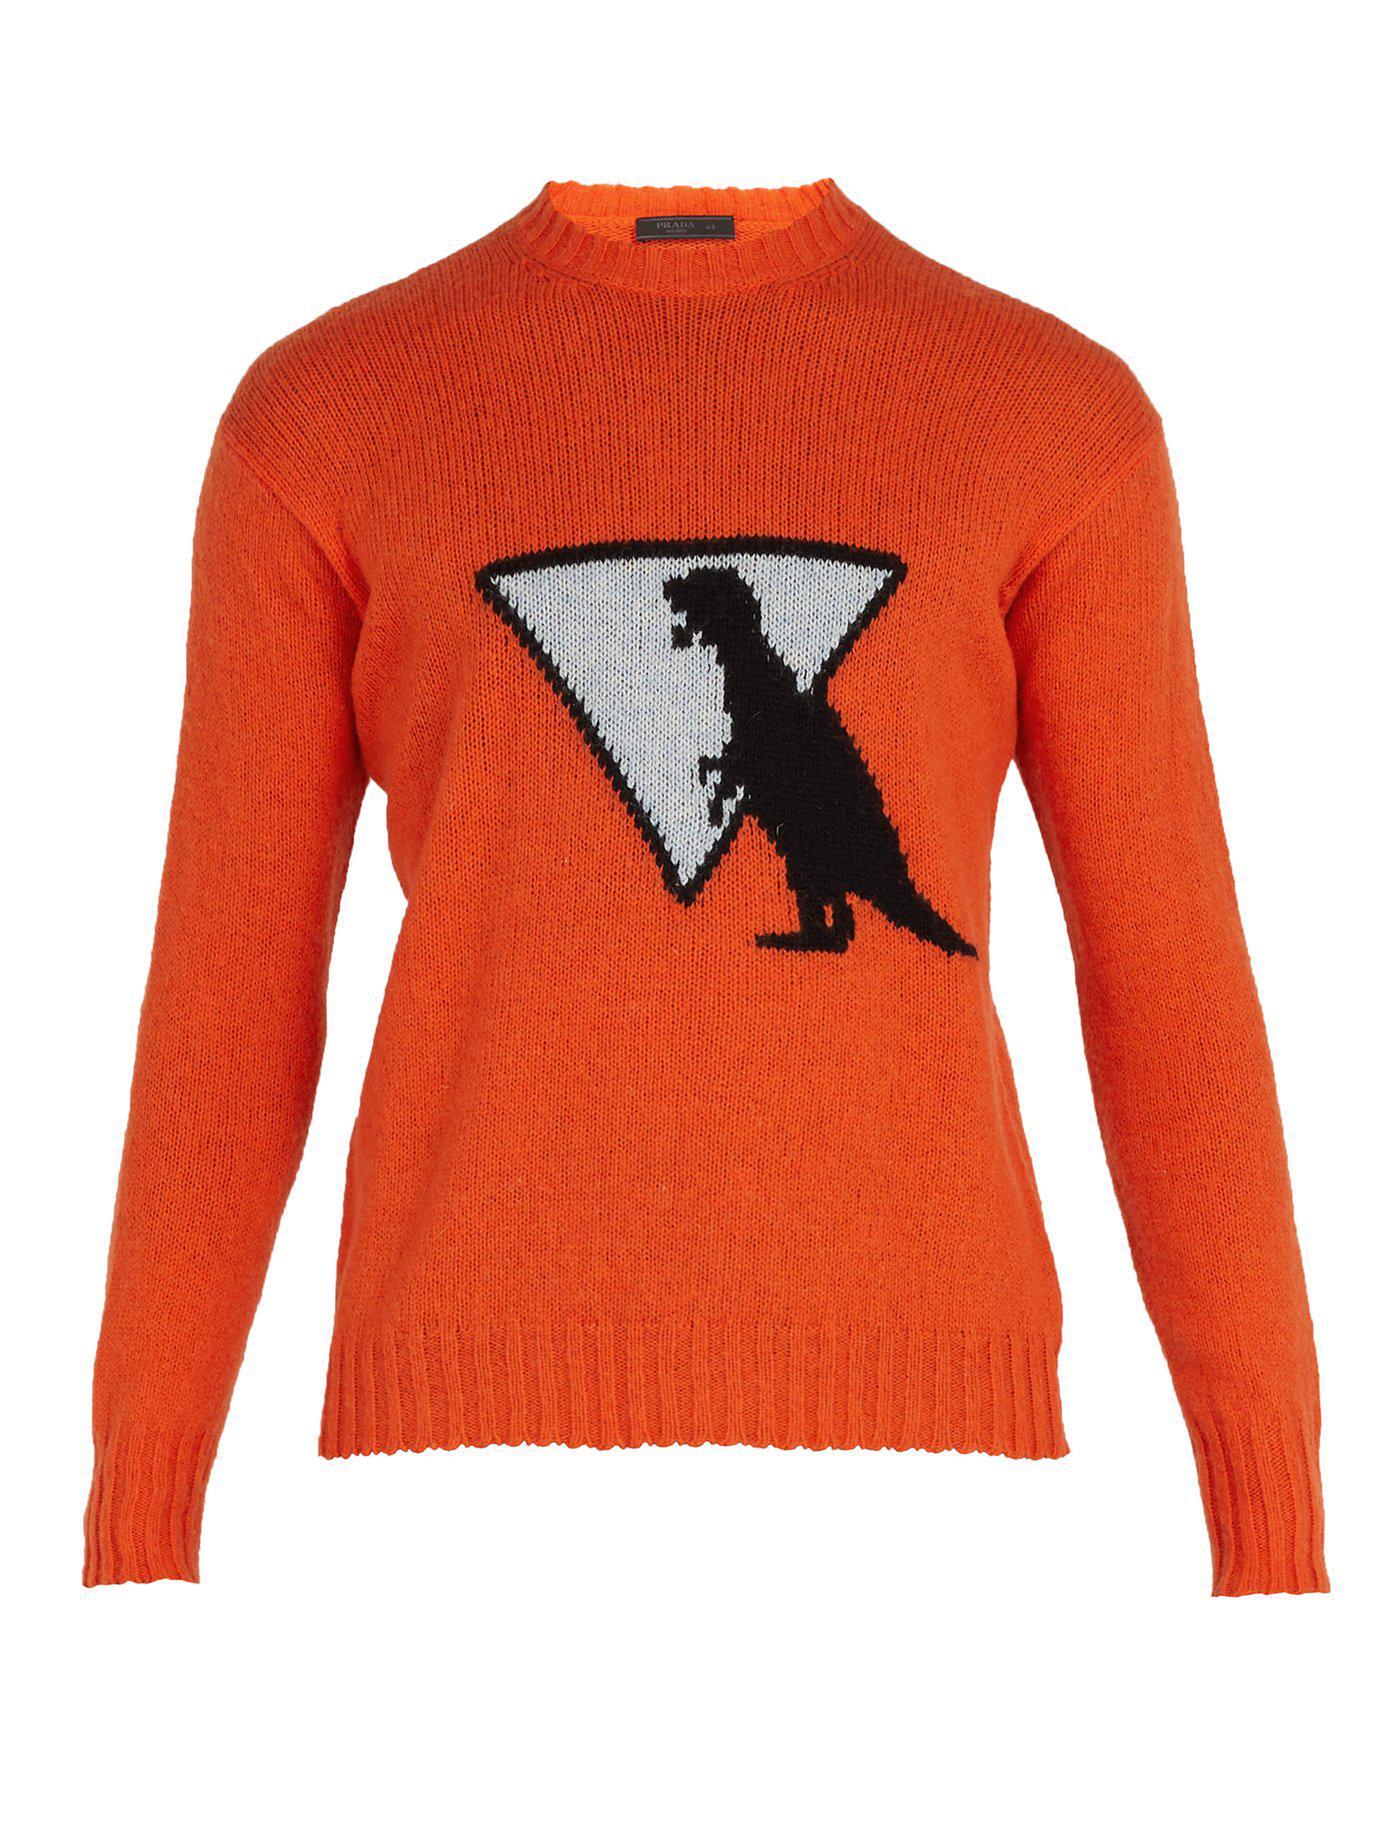 pas cher pour réduction ee244 4b533 Pull Homme Motif Dinosaure Laine À Pour Coloris En Orange ...